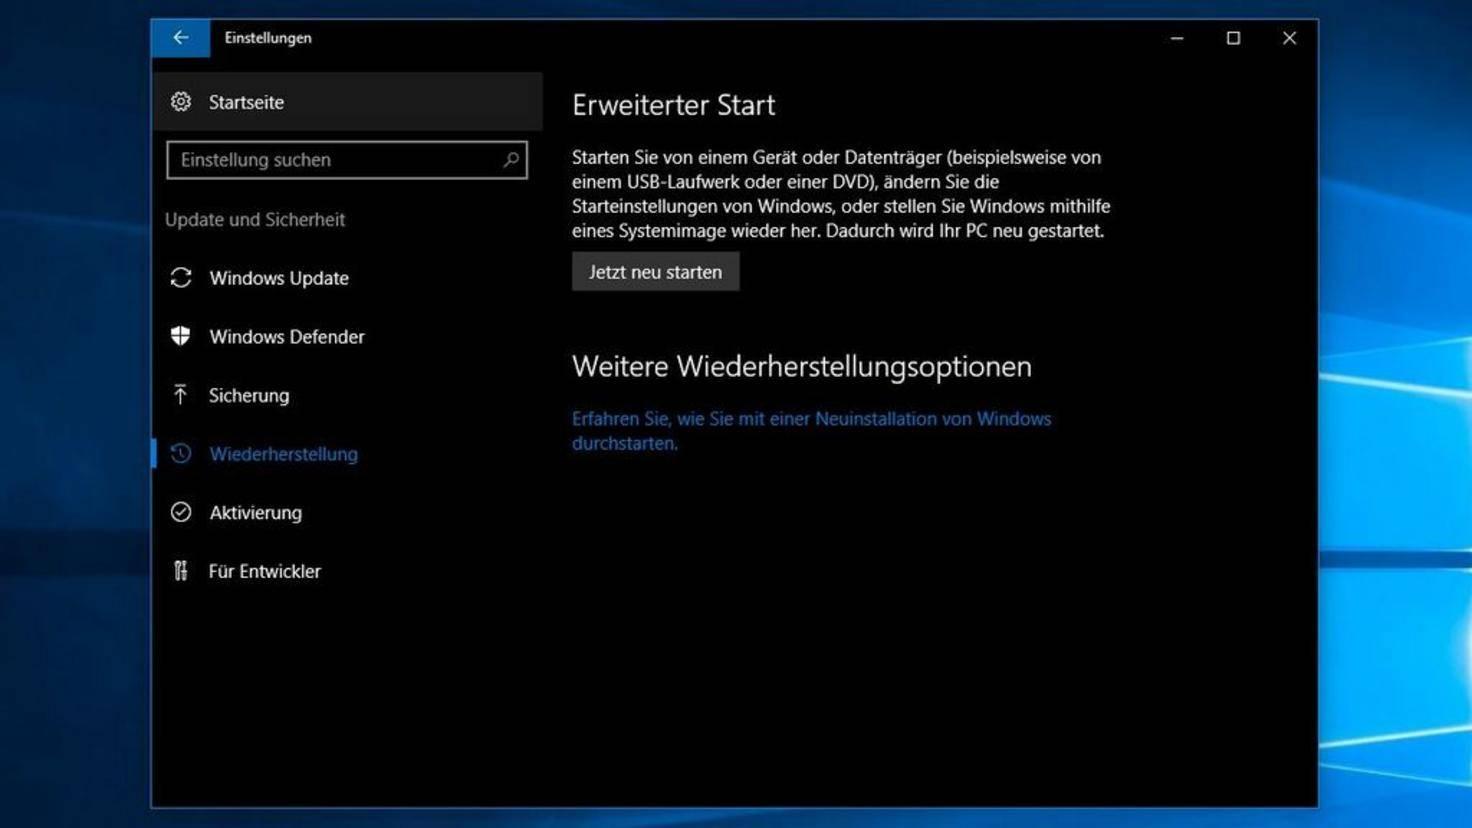 Erweiterter Start Windows